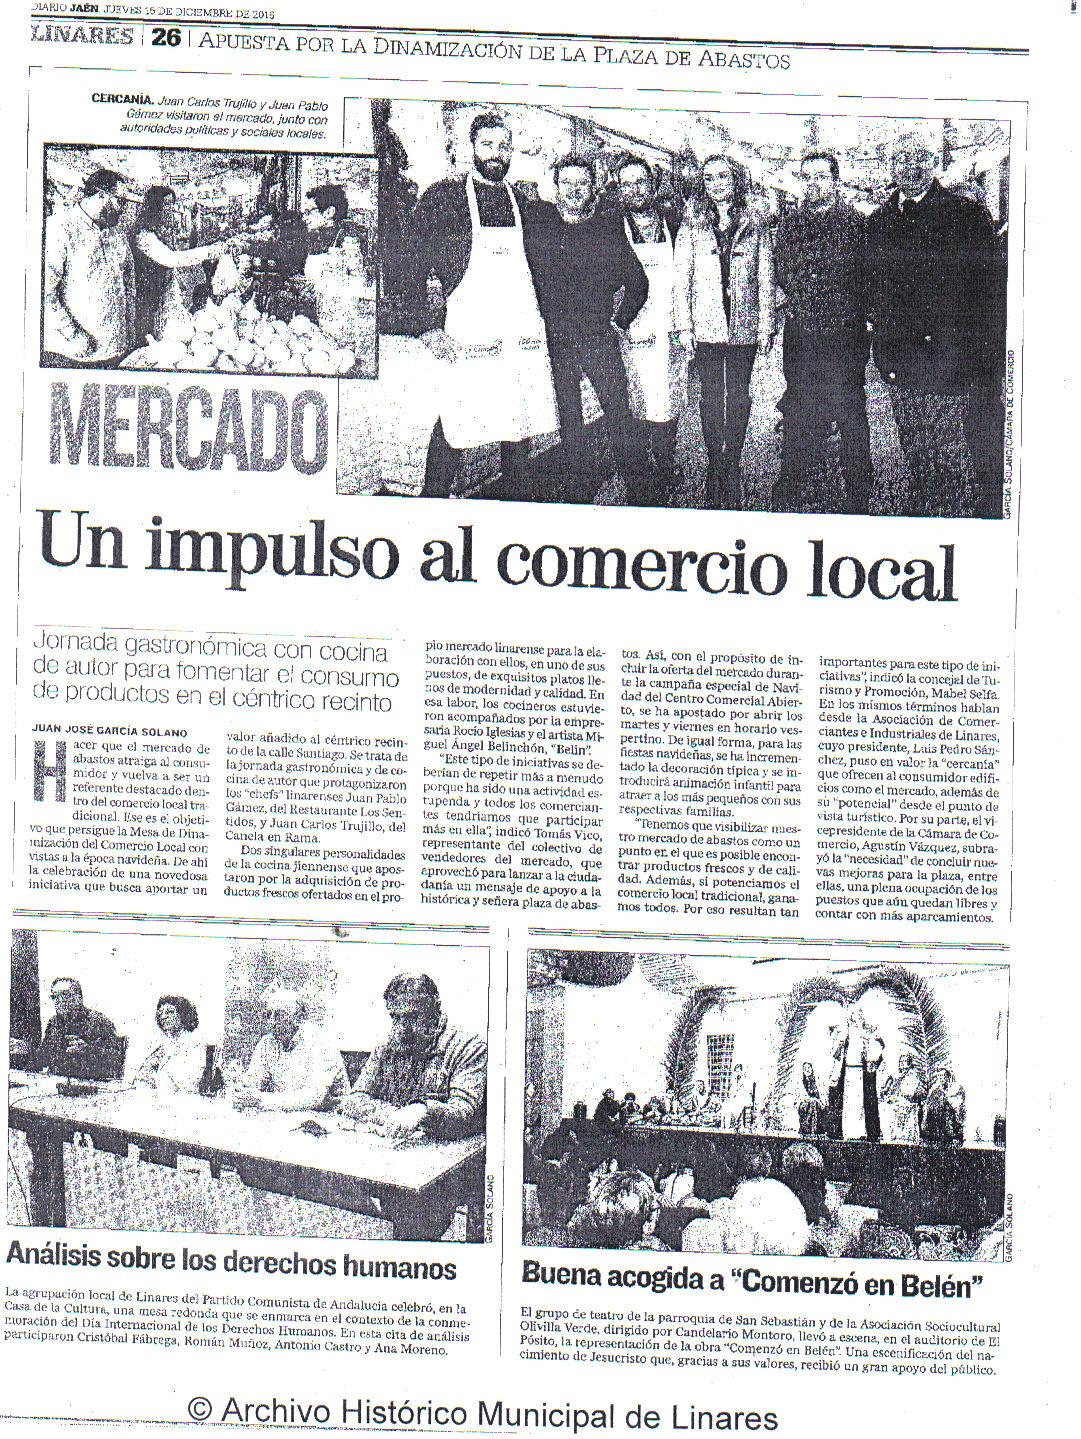 prensa-diario-jaen-15-diciembre